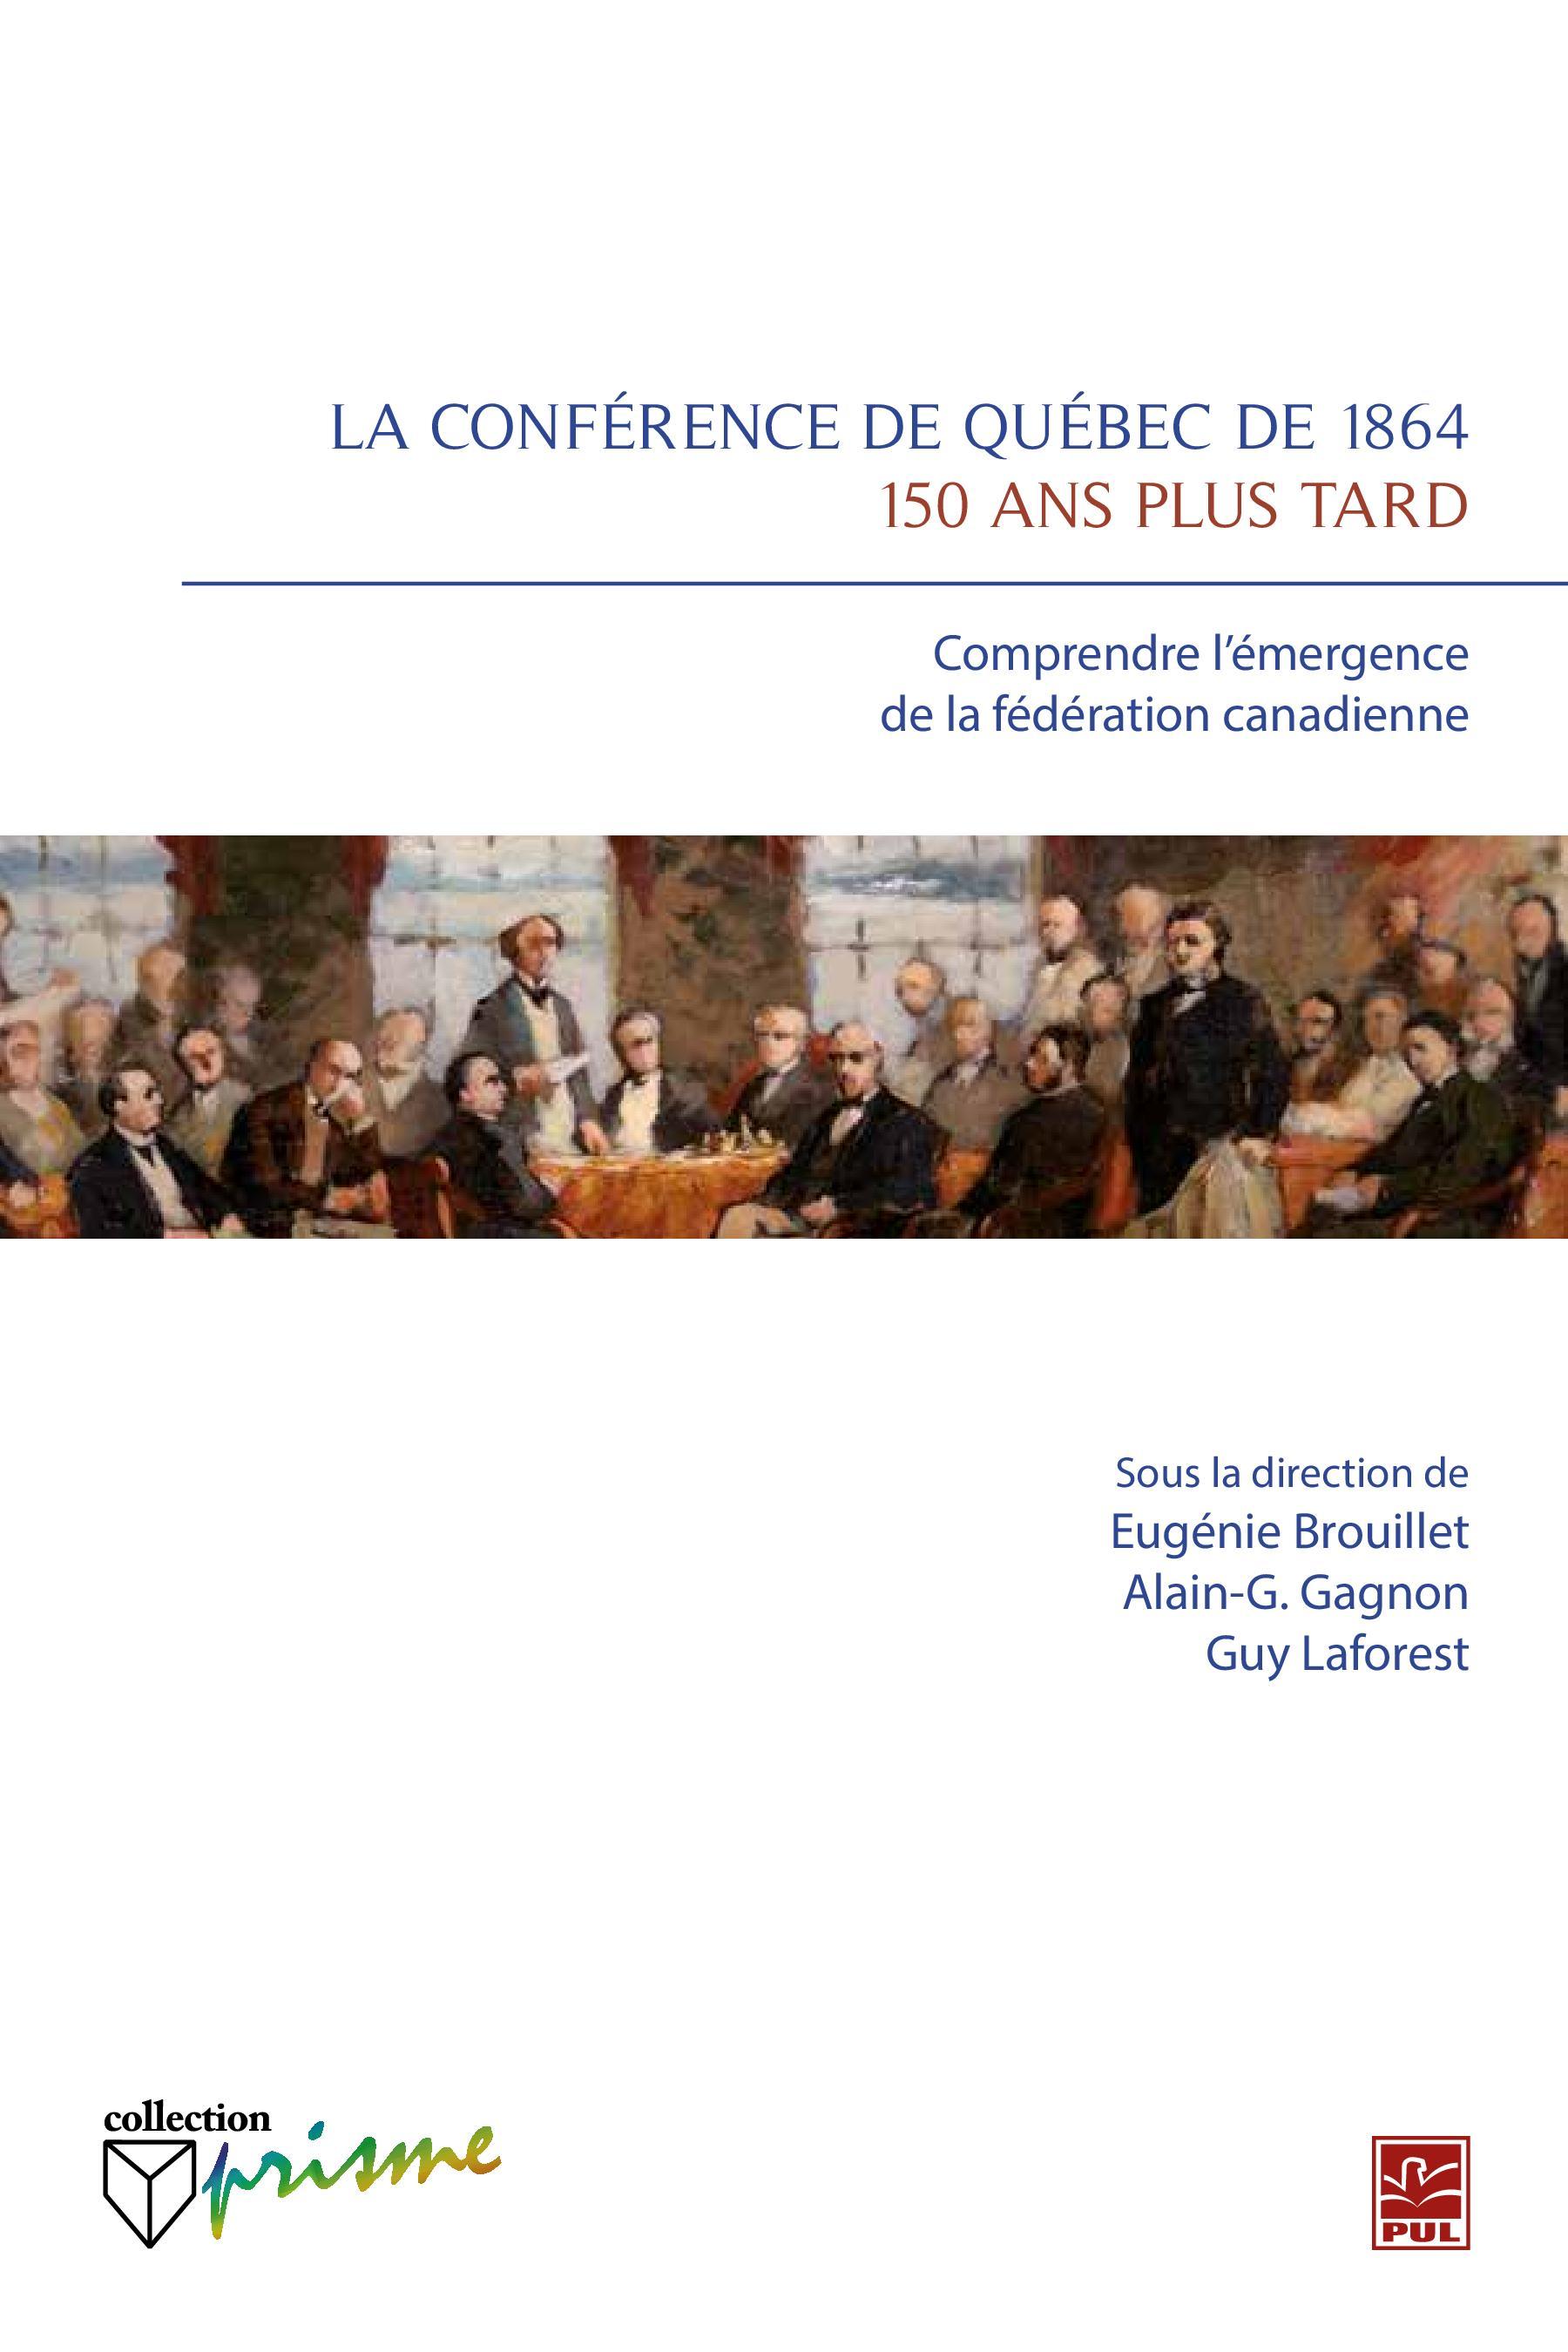 La conférence de Québec de 1864 : 150 ans plus tard